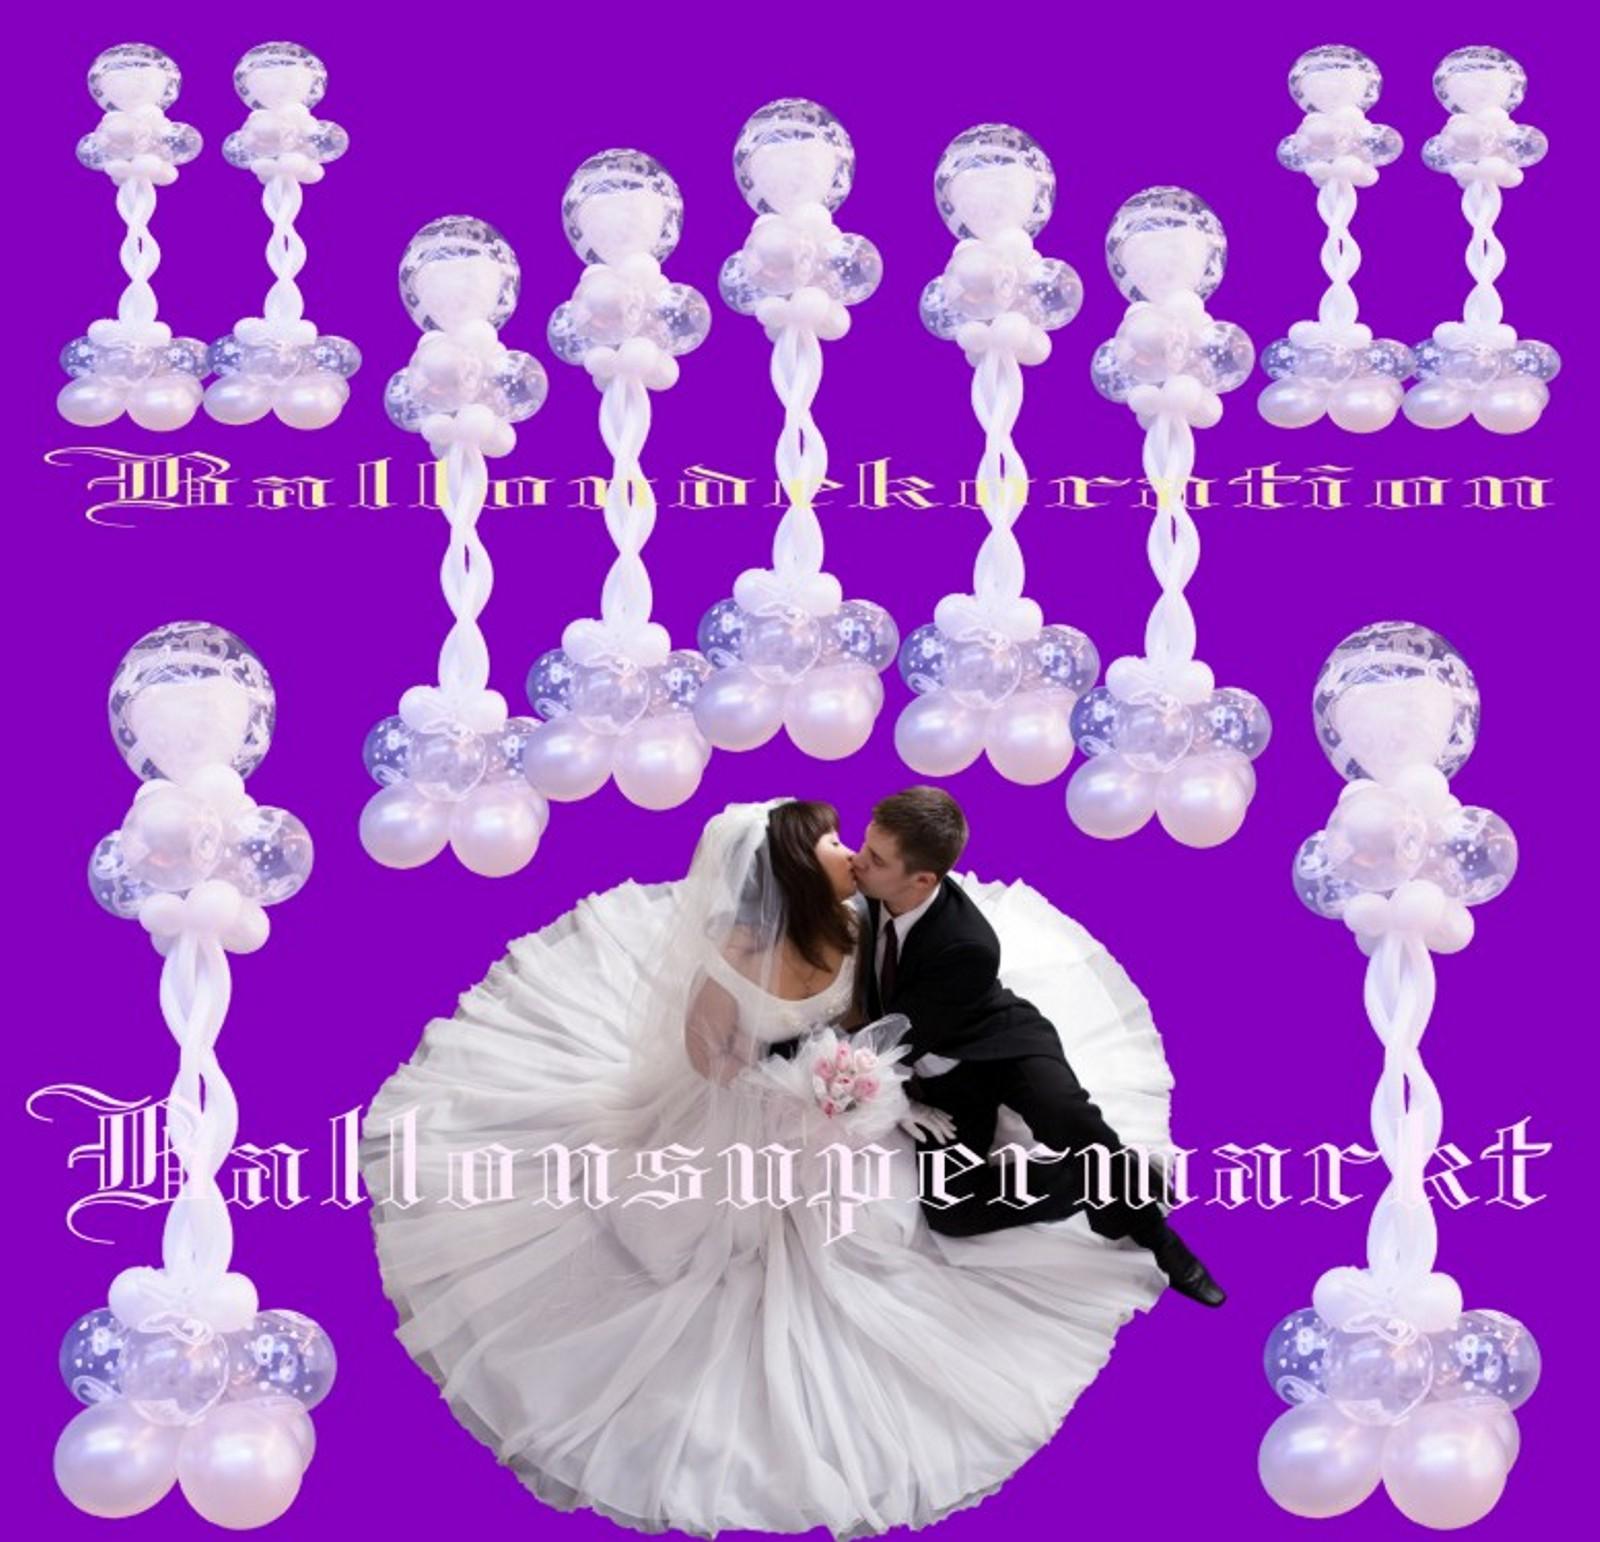 Traumhafte ballondekoration hochzeit mit joined hearts for Dekoration mit luftballons